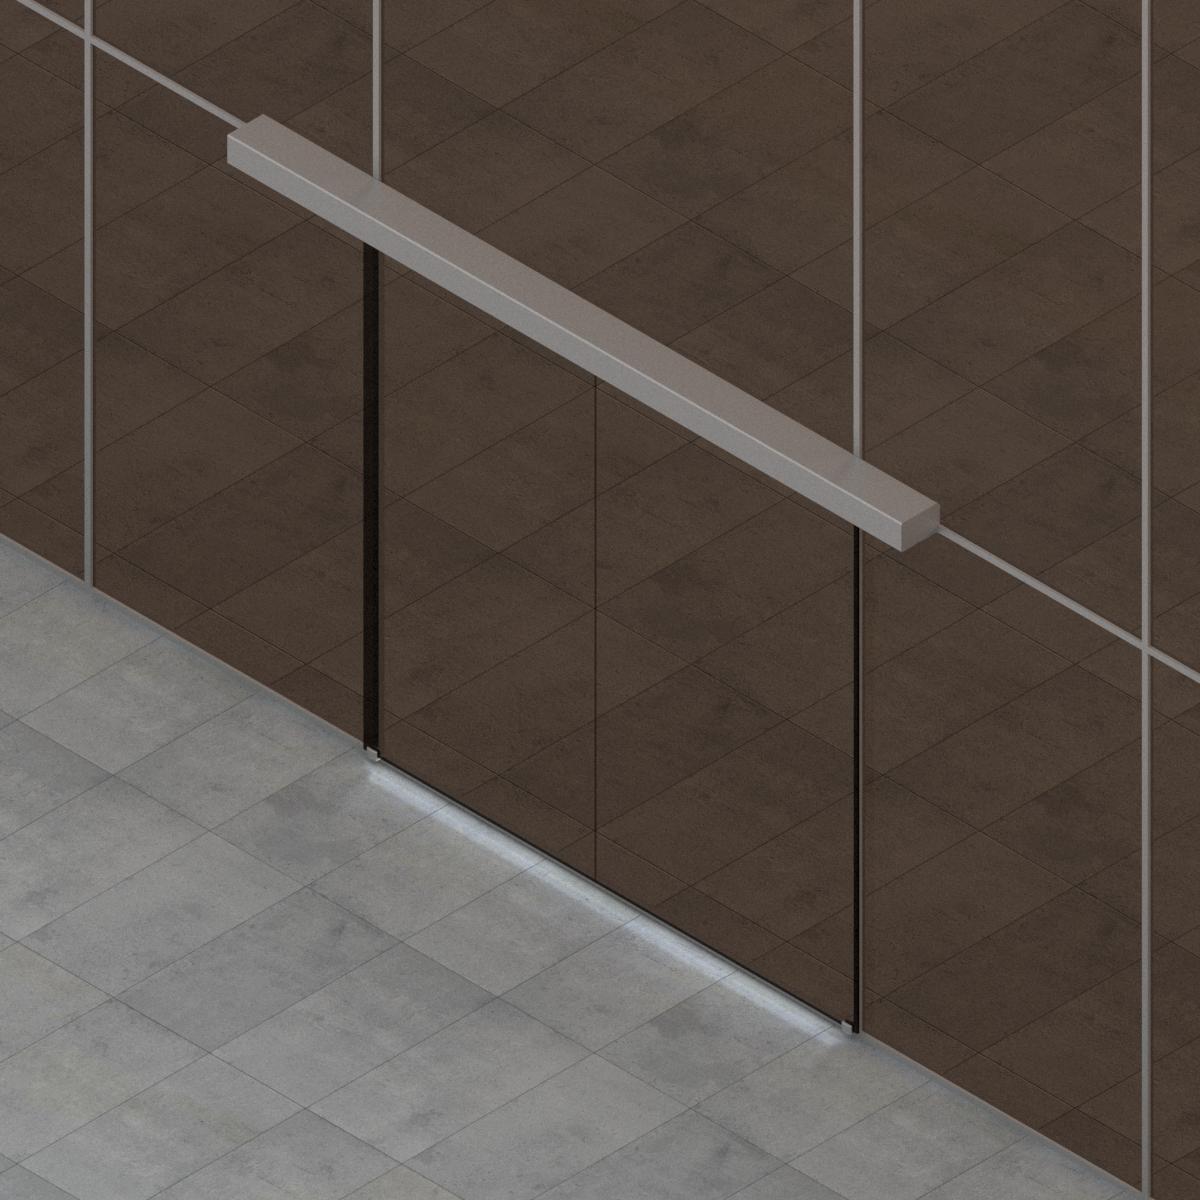 Puerta Deslizante 2 Hoja para Muro cortina de G-U en BIM